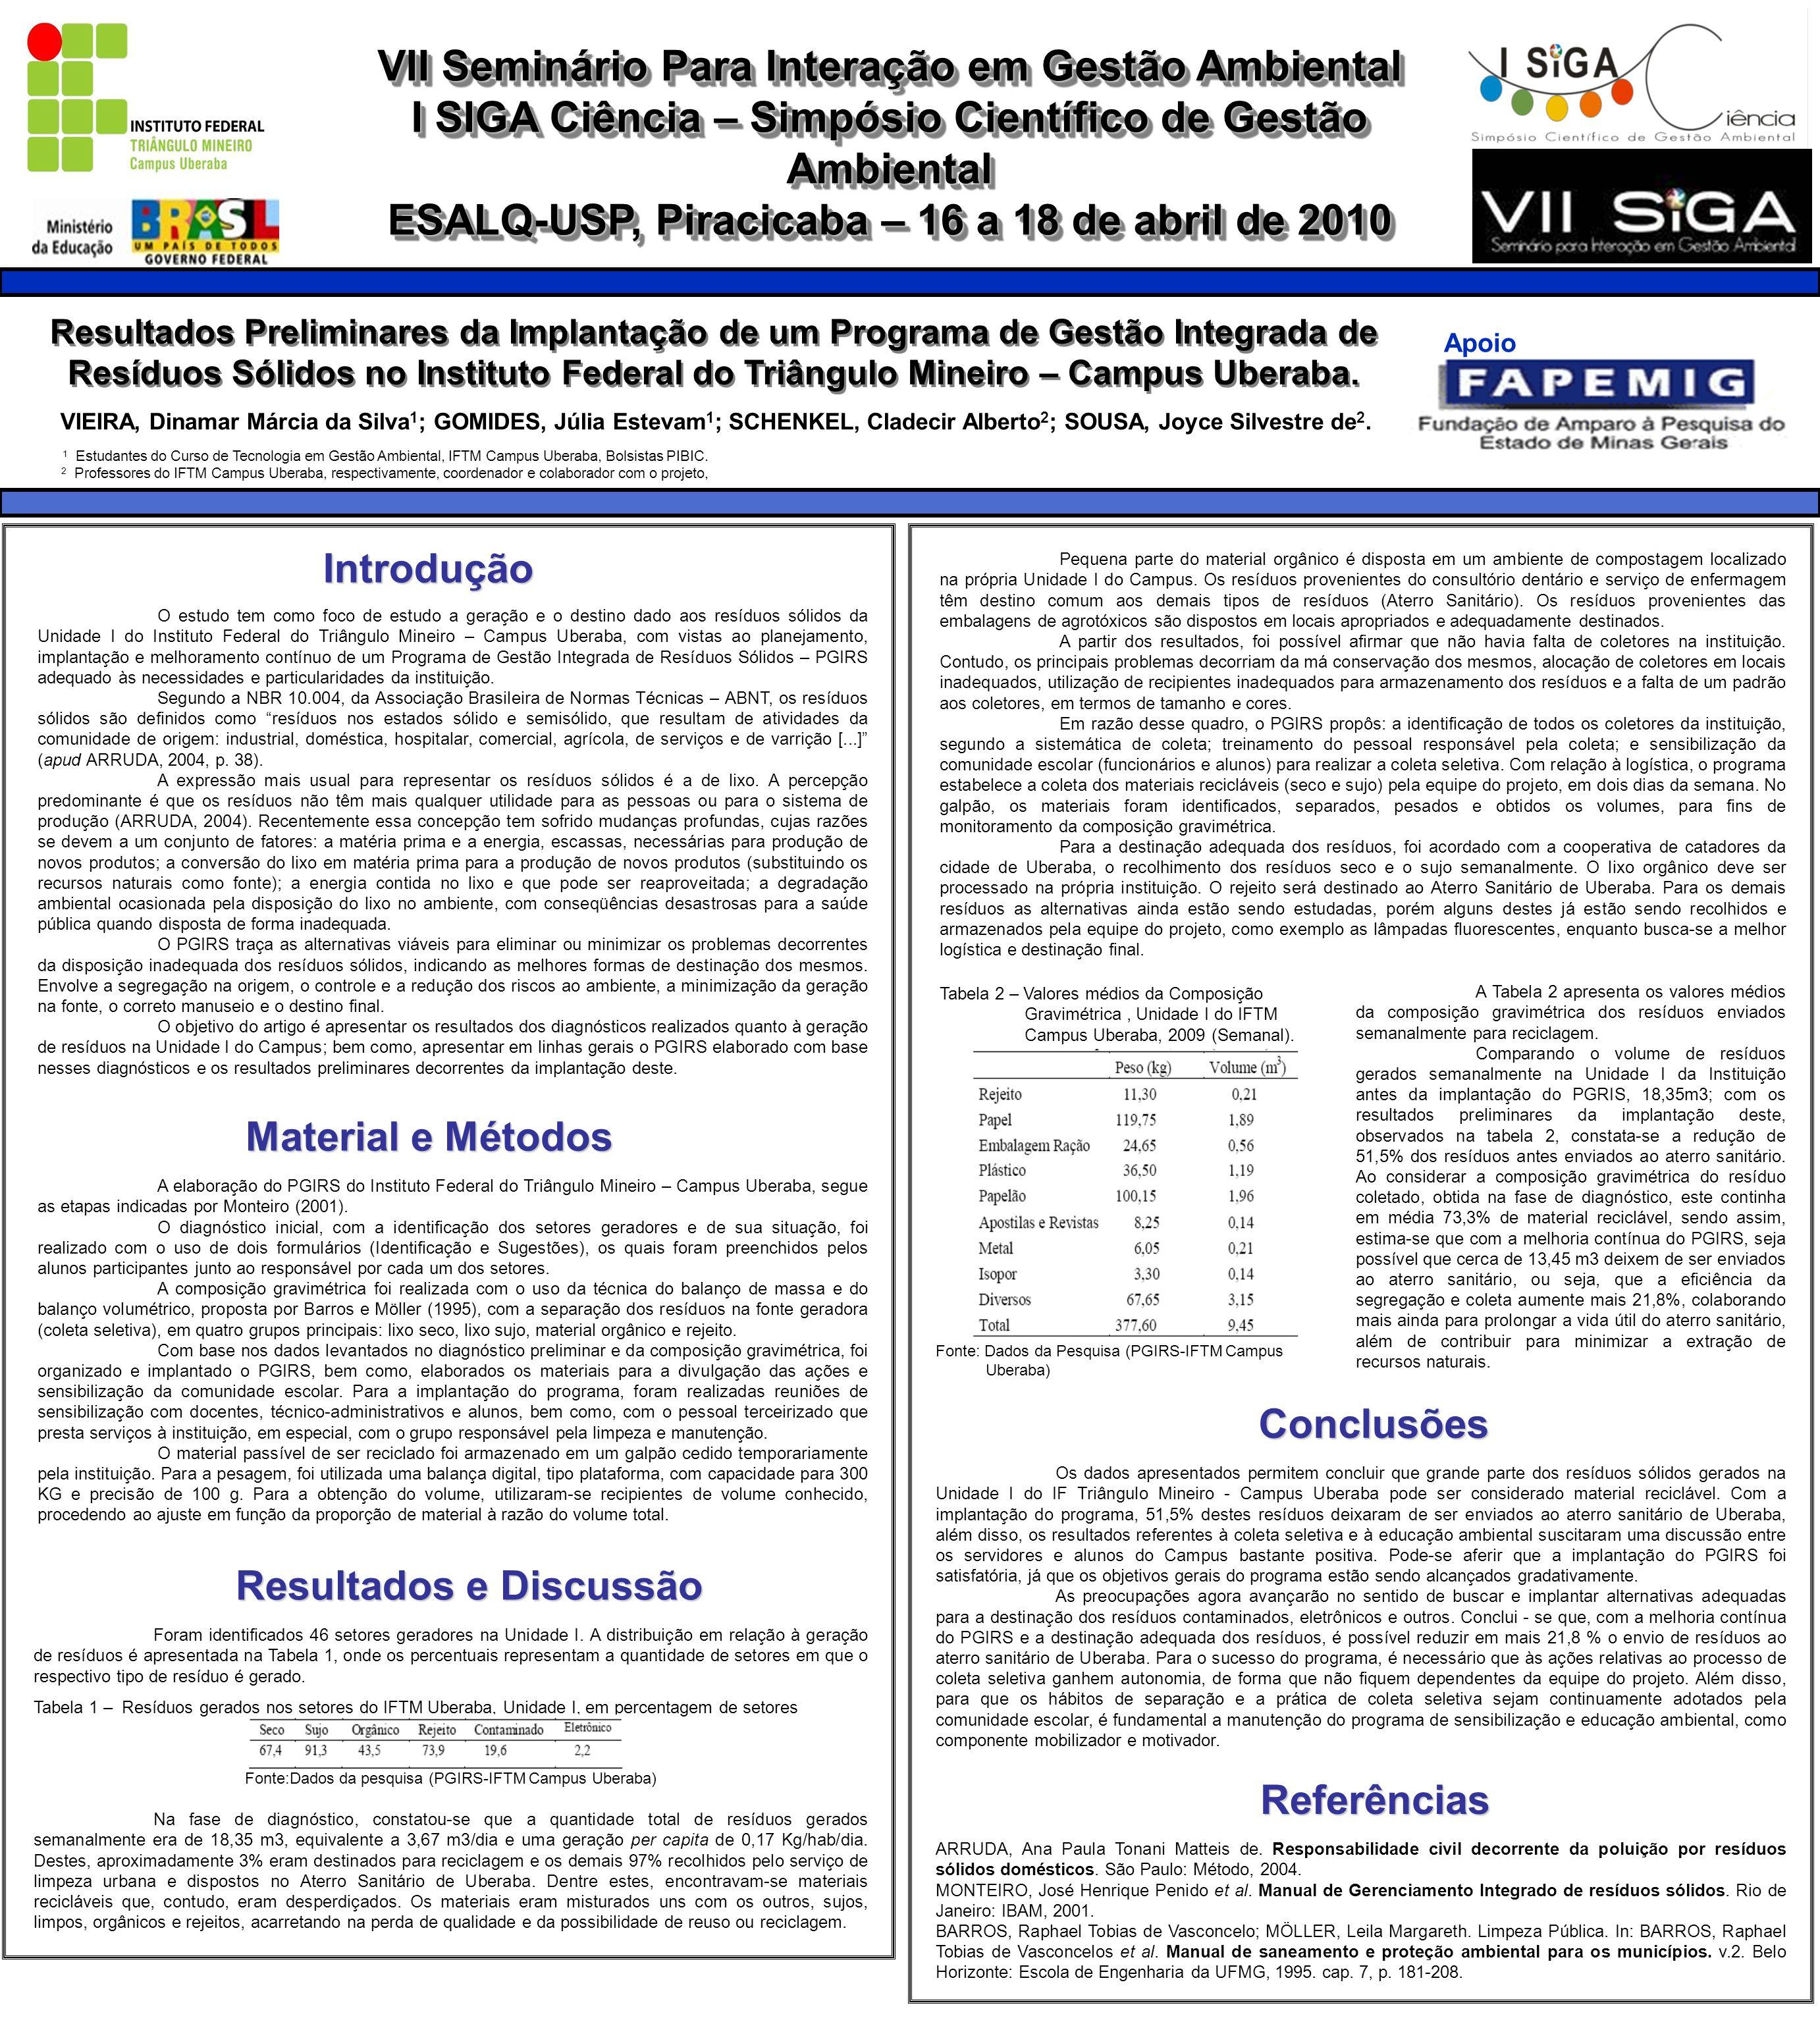 VII Seminário Para Interação em Gestão Ambiental I SIGA Ciência – Simpósio Científico de Gestão Ambiental ESALQ-USP, Piracicaba – 16 a 18 de abril de